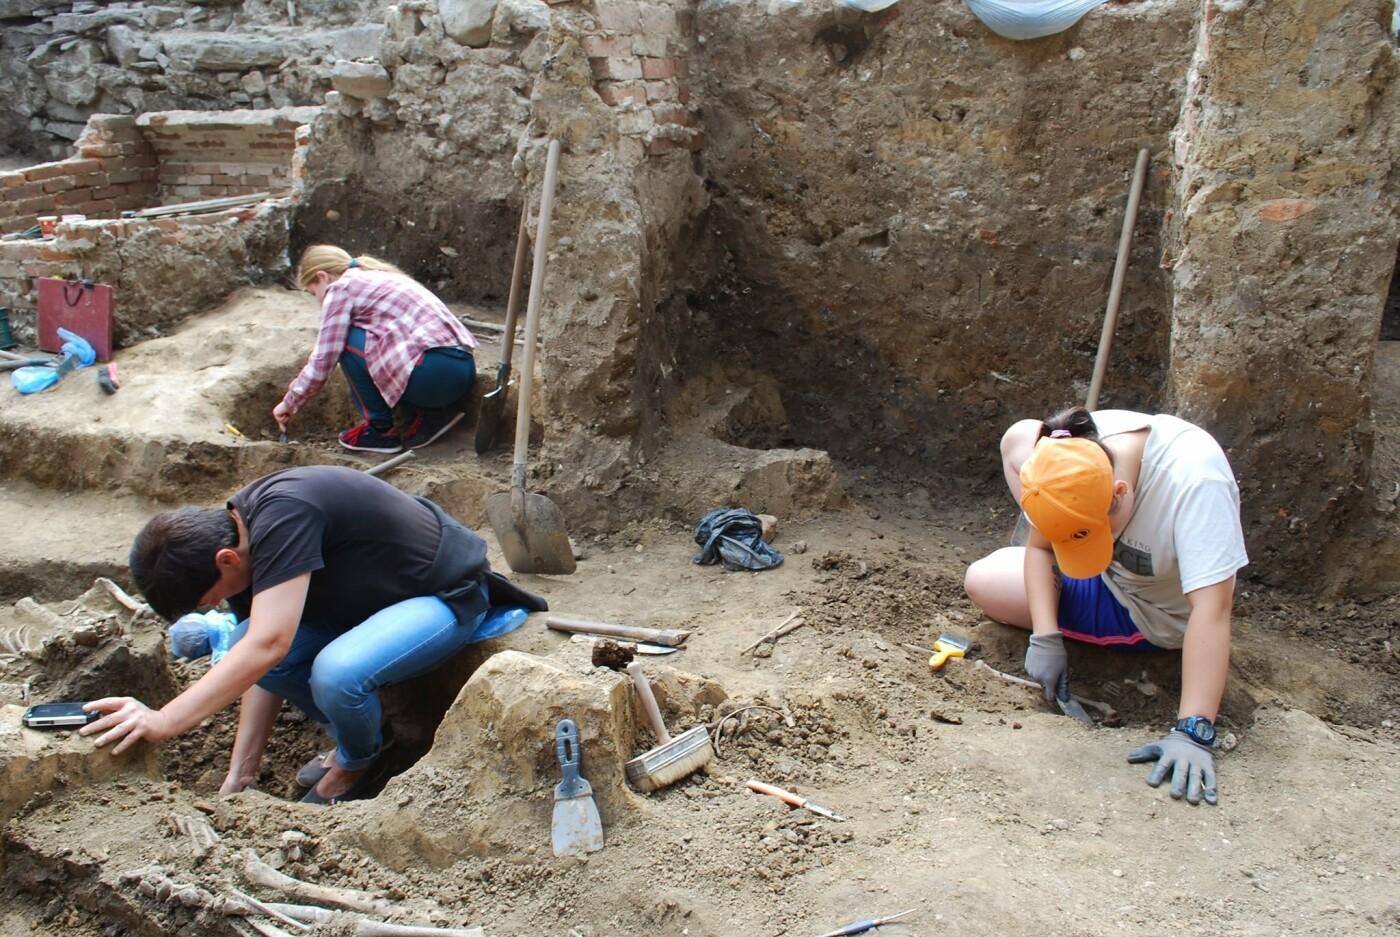 В Ужгороді під час археологічної експедиції студенти-історики виявили цілу низку цікавих артефактів  (ФОТО), фото-2